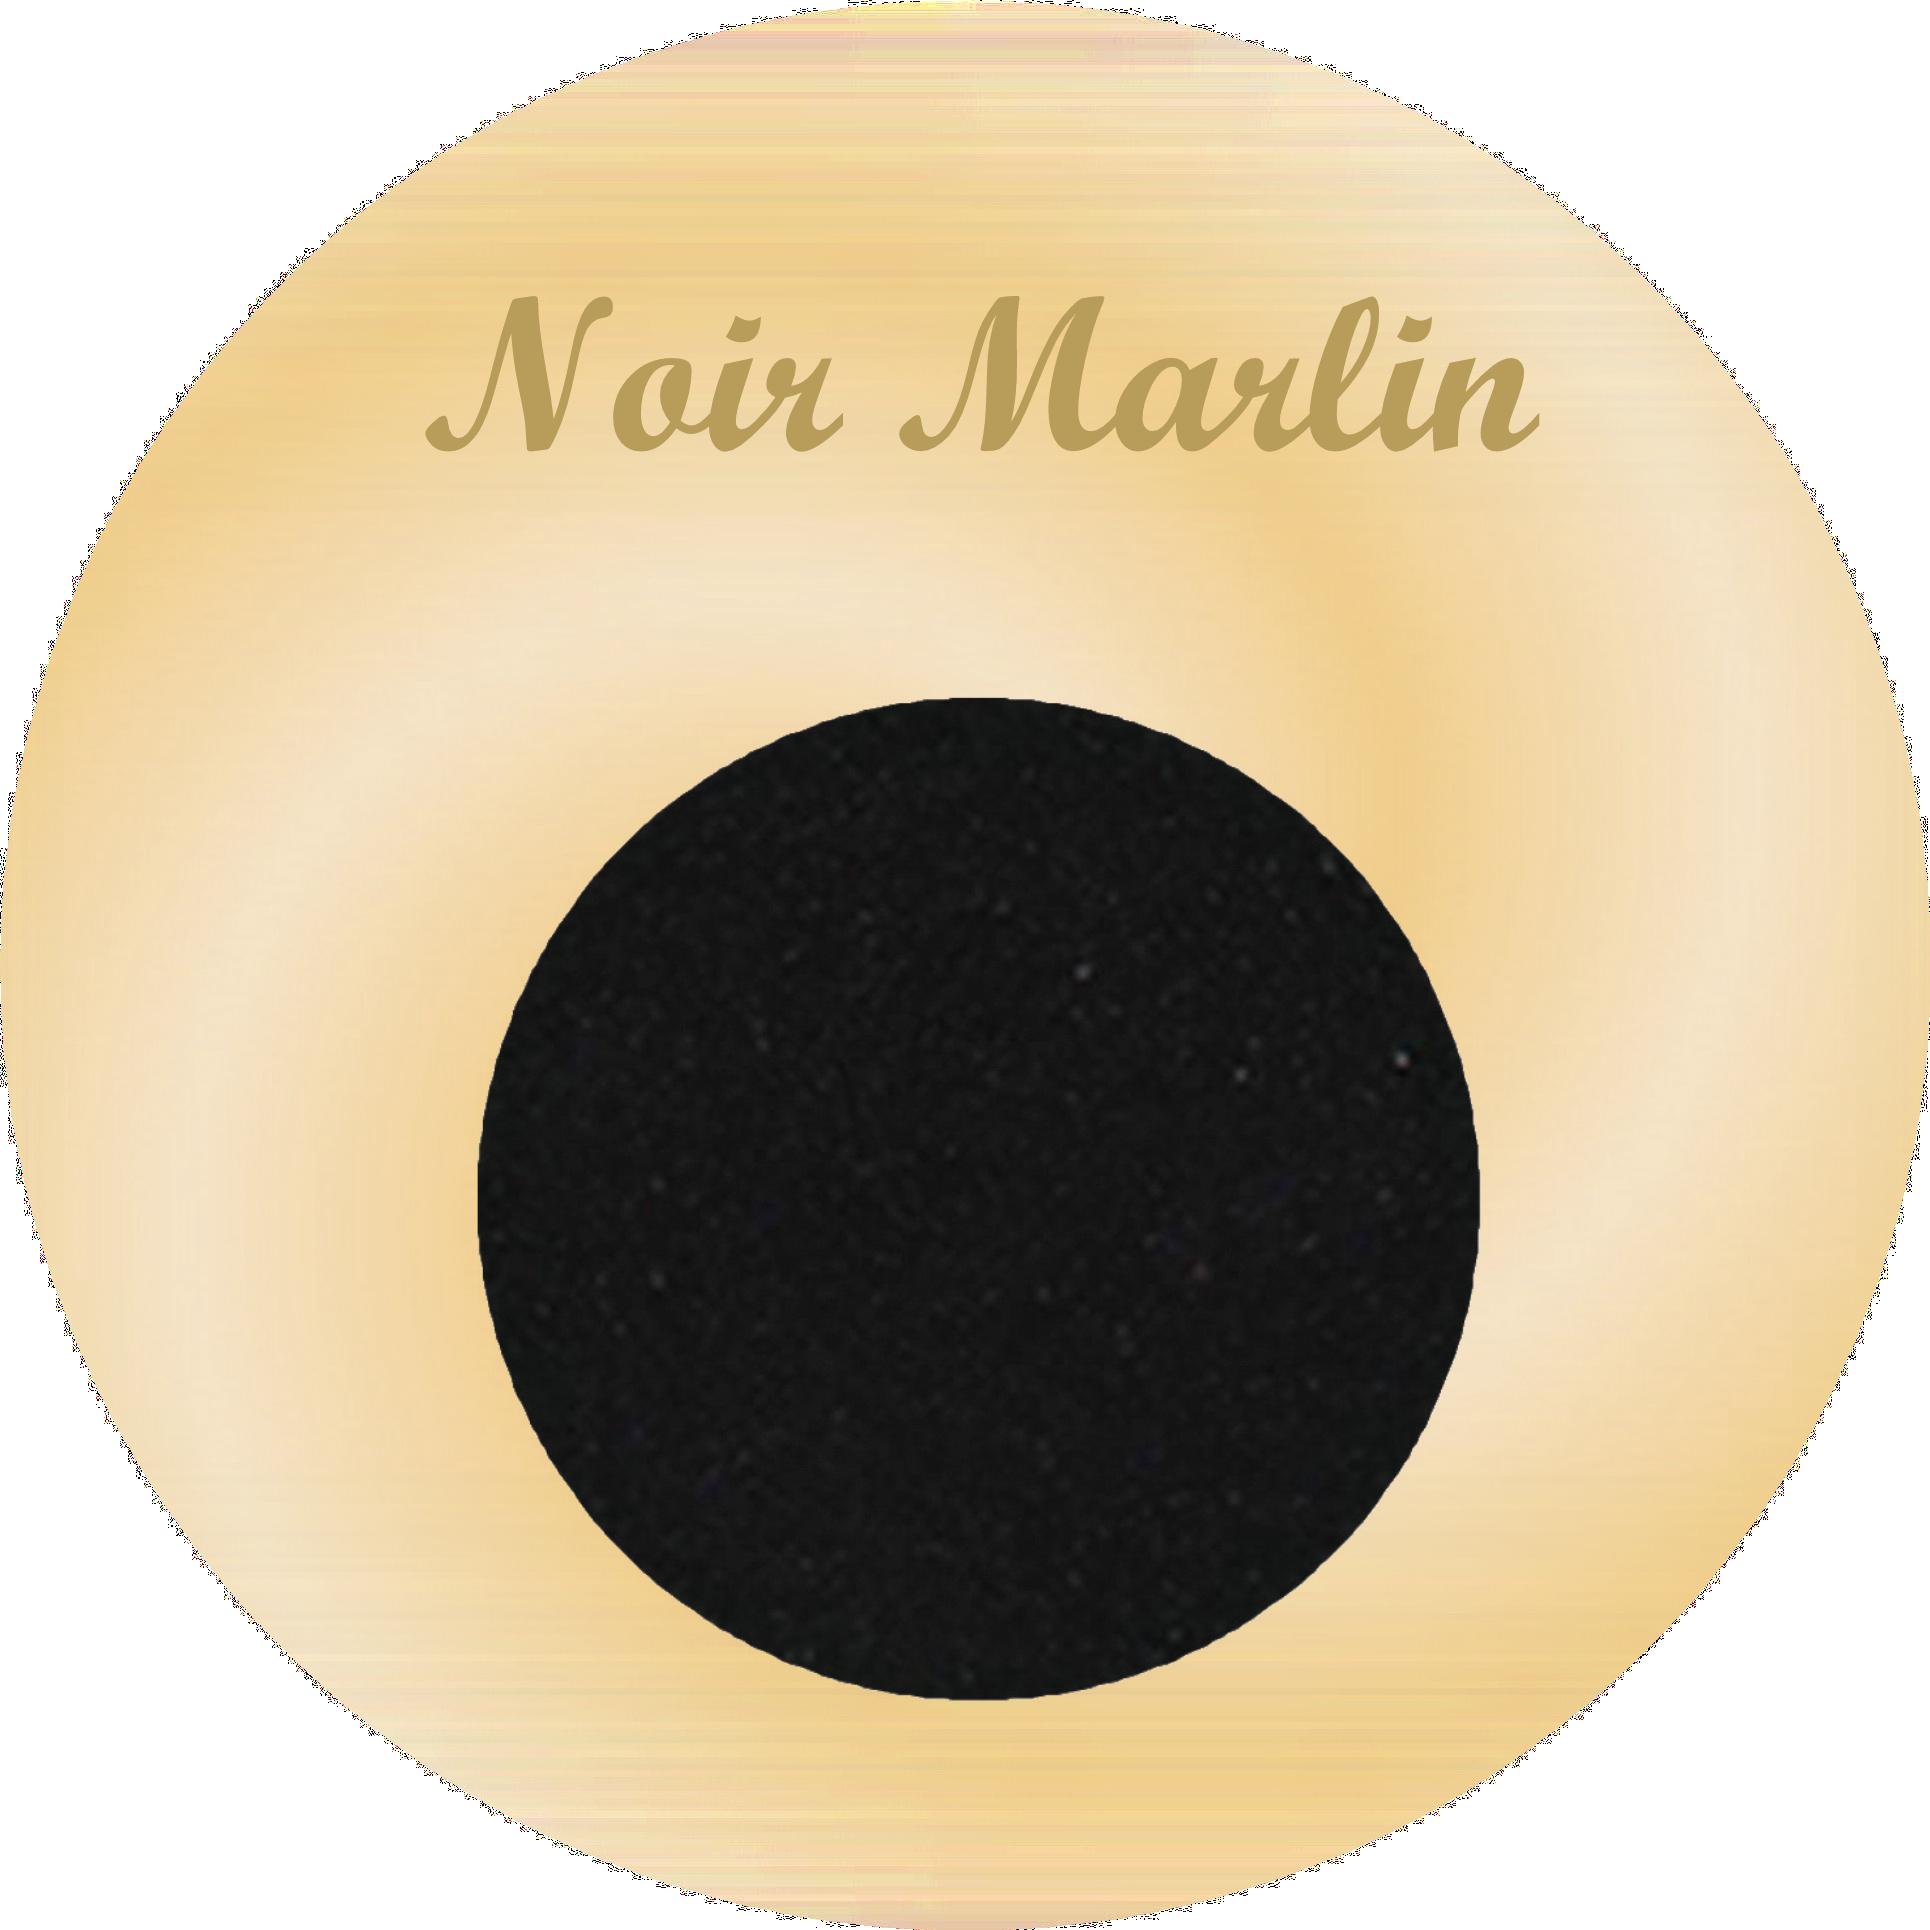 plaques rectangulaire granit noir marlin